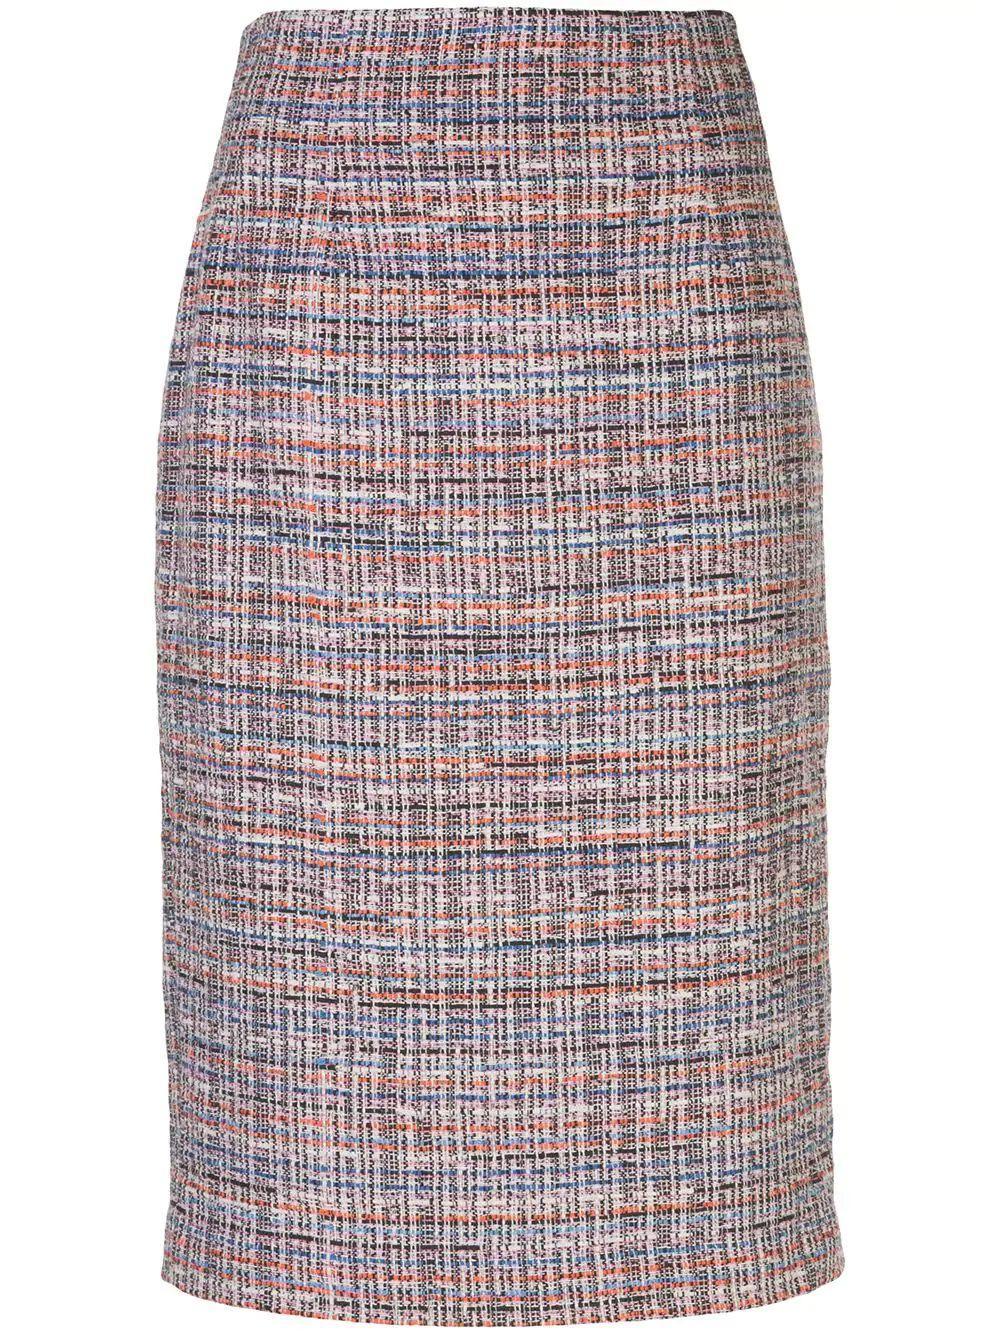 Joda Skirt Item # 2002TW0233284